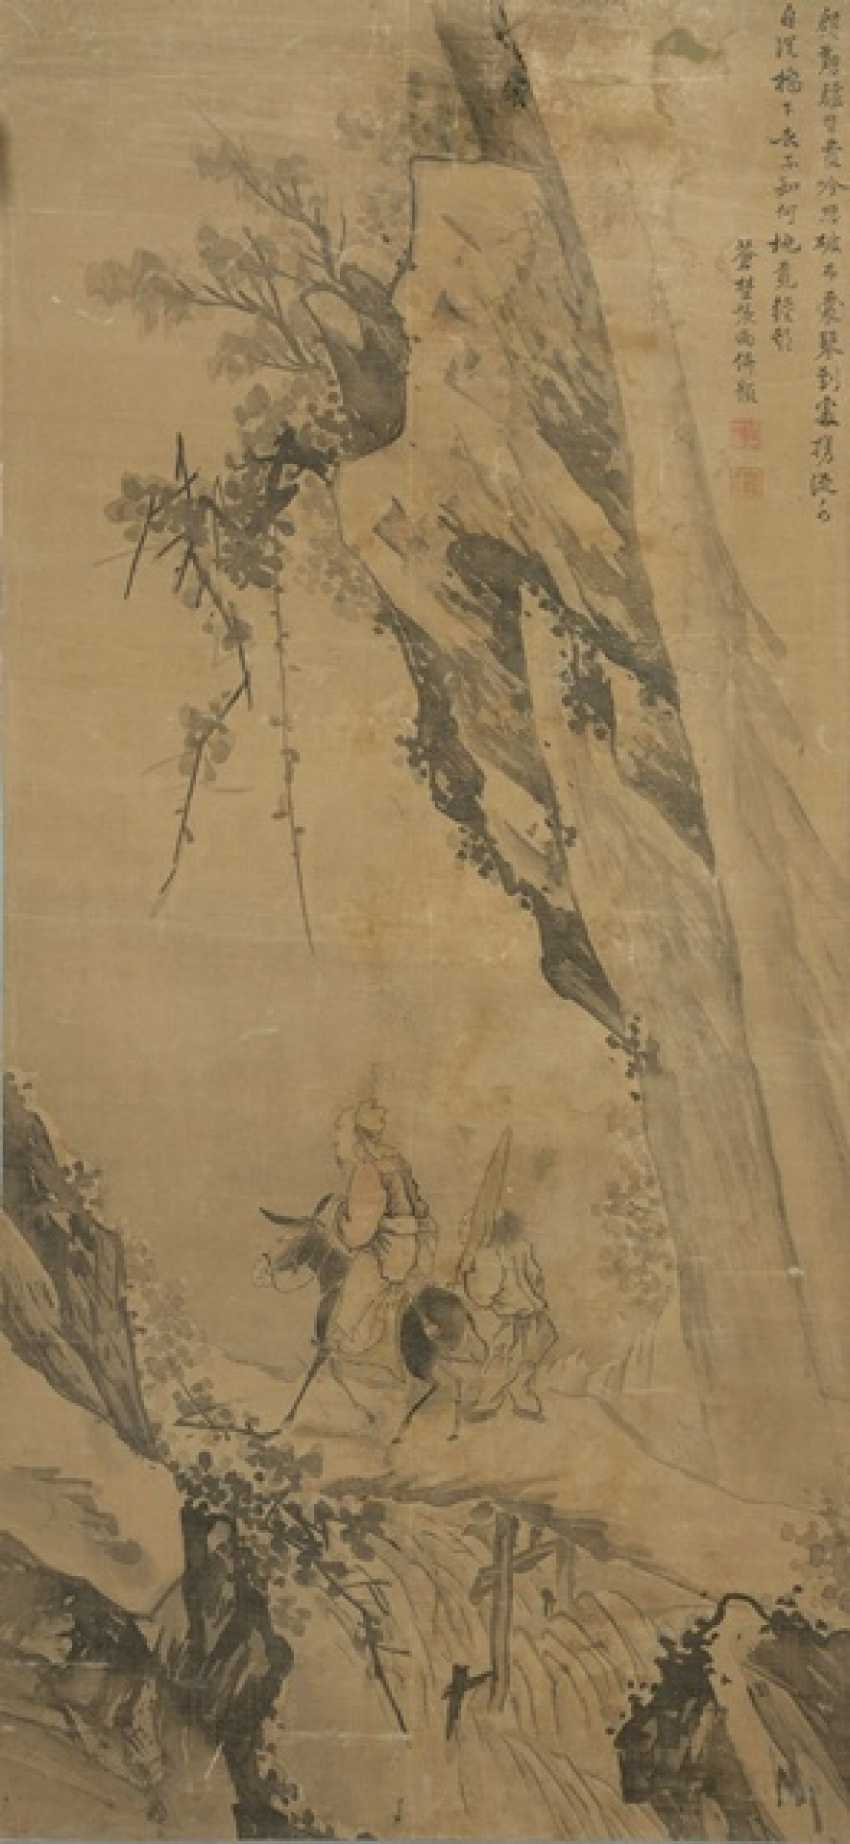 Zhang Yusen - photo 1